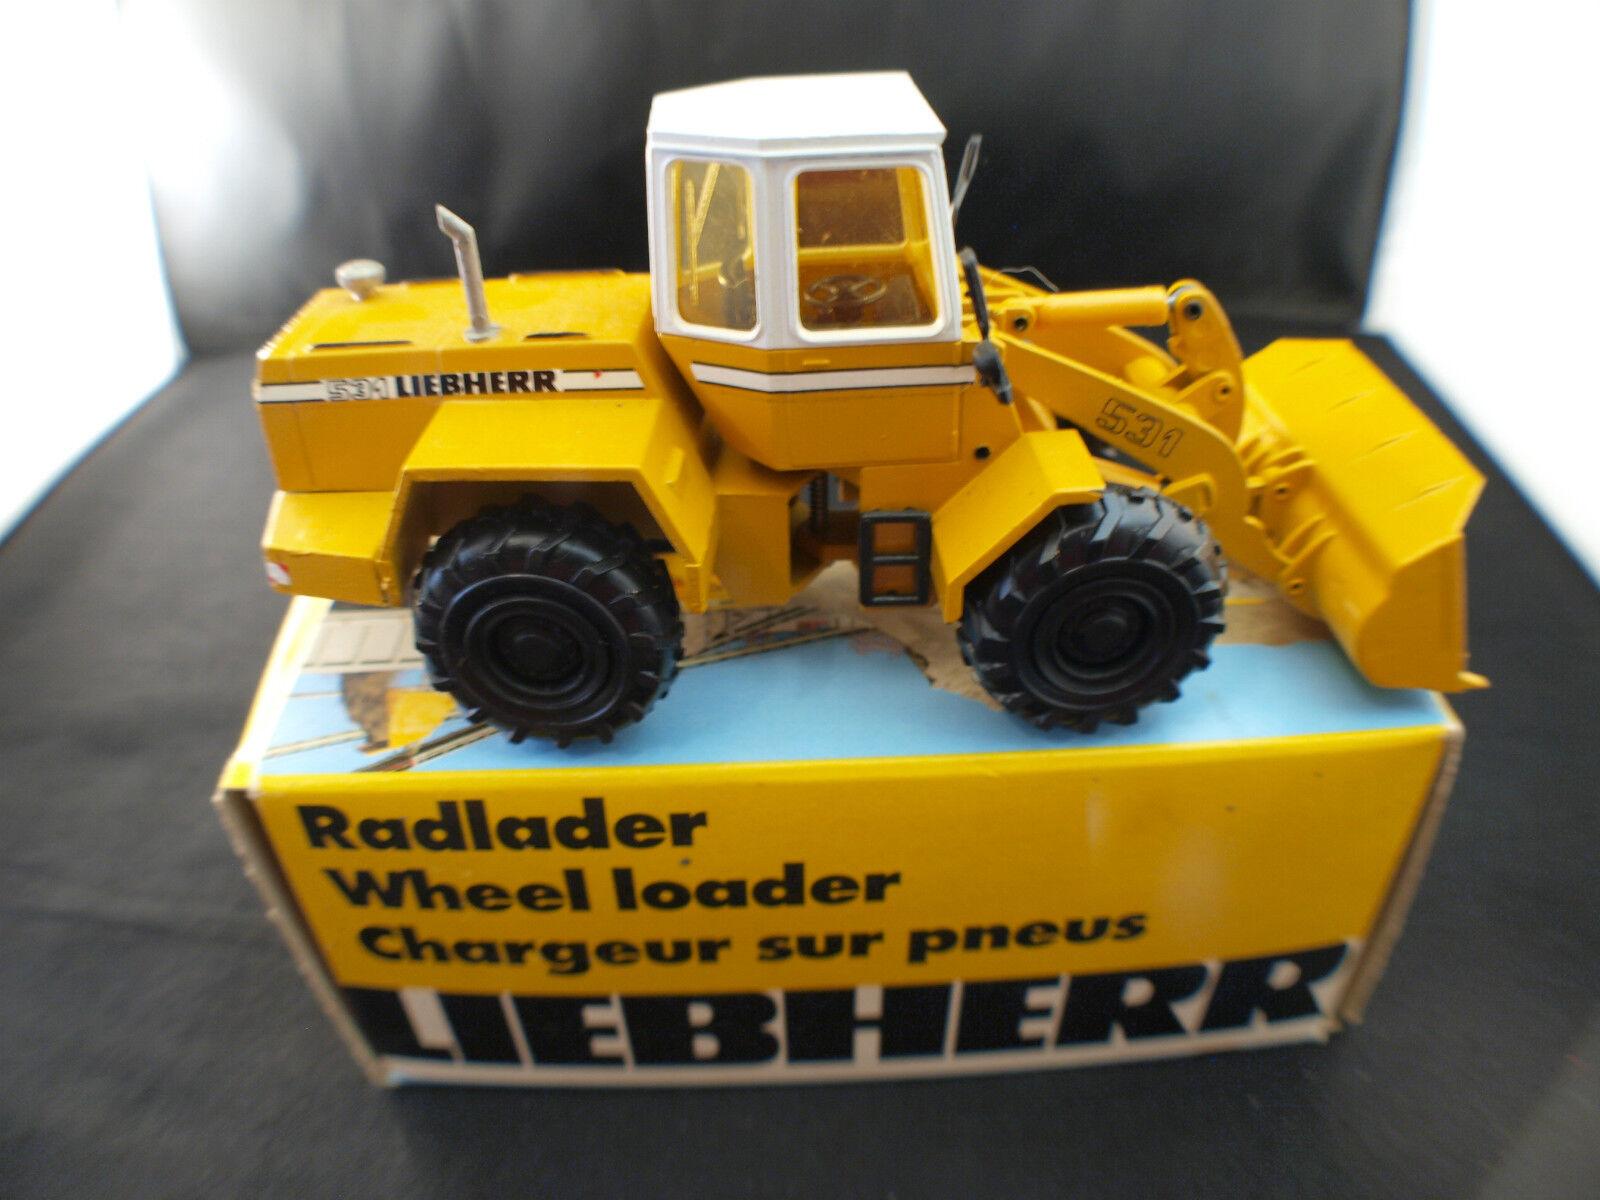 Conrad Liebherr L 531 chargeur sur pneus Radlader Wheel lader neuf mint box 1 50